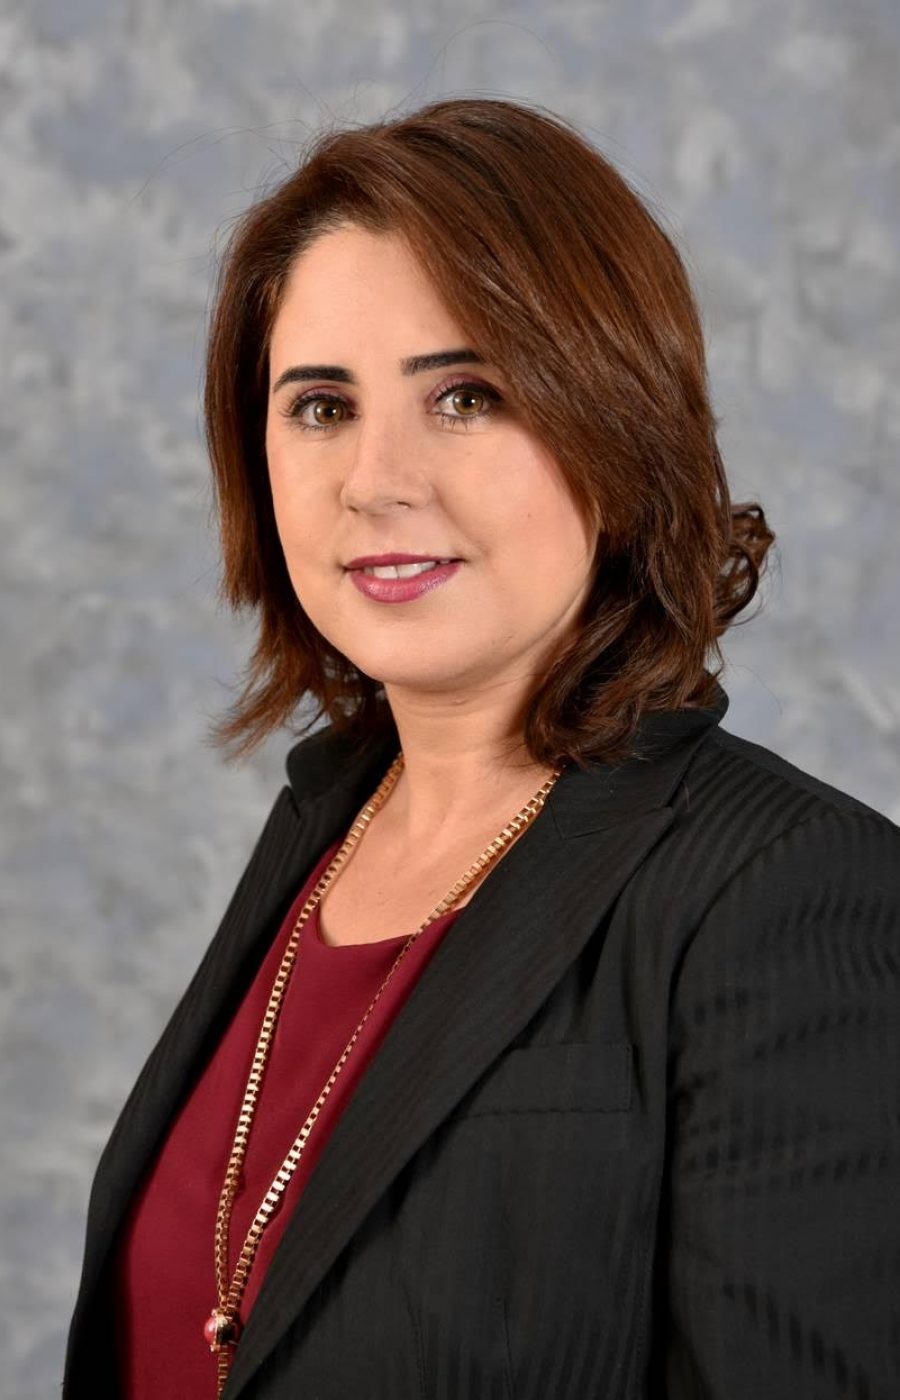 Naoual Bakry